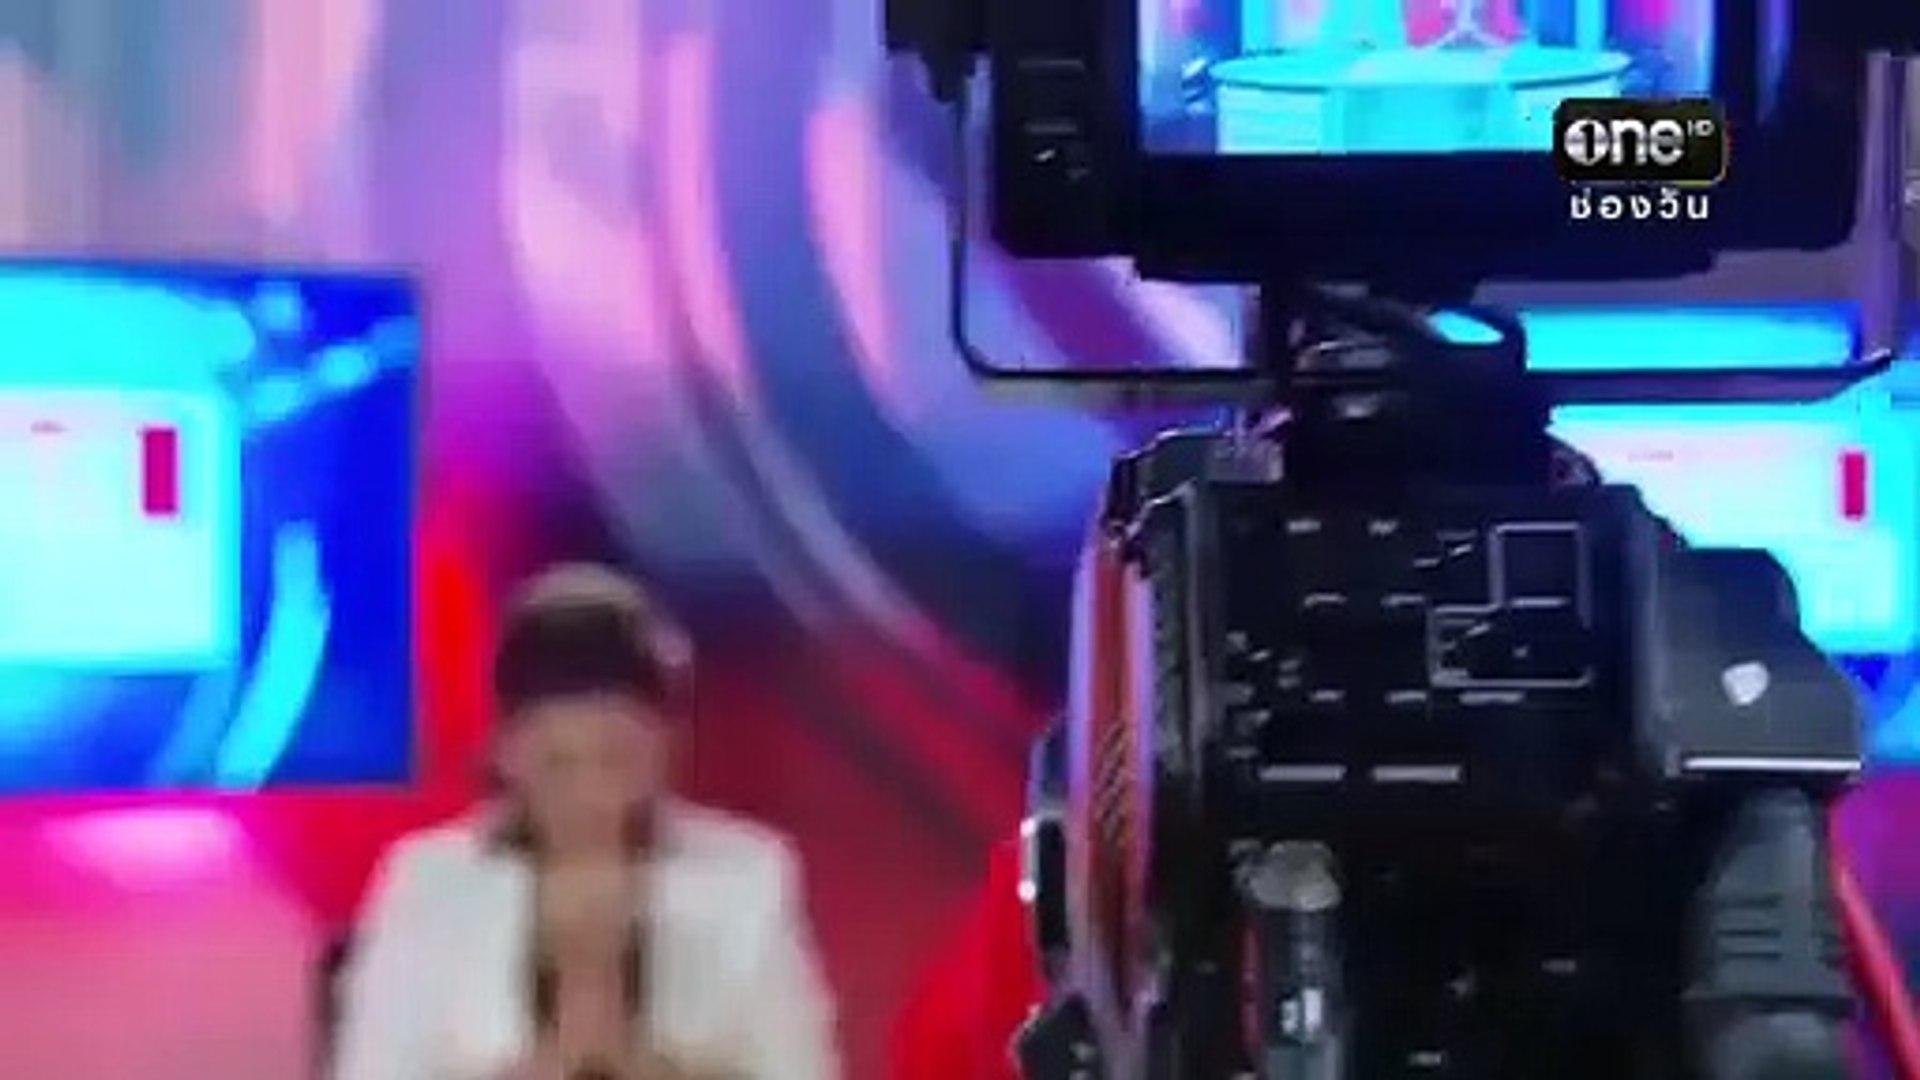 Đoạt tình tập 5 phim bộ thái lan lồng tiếng việt_thảo phim thái